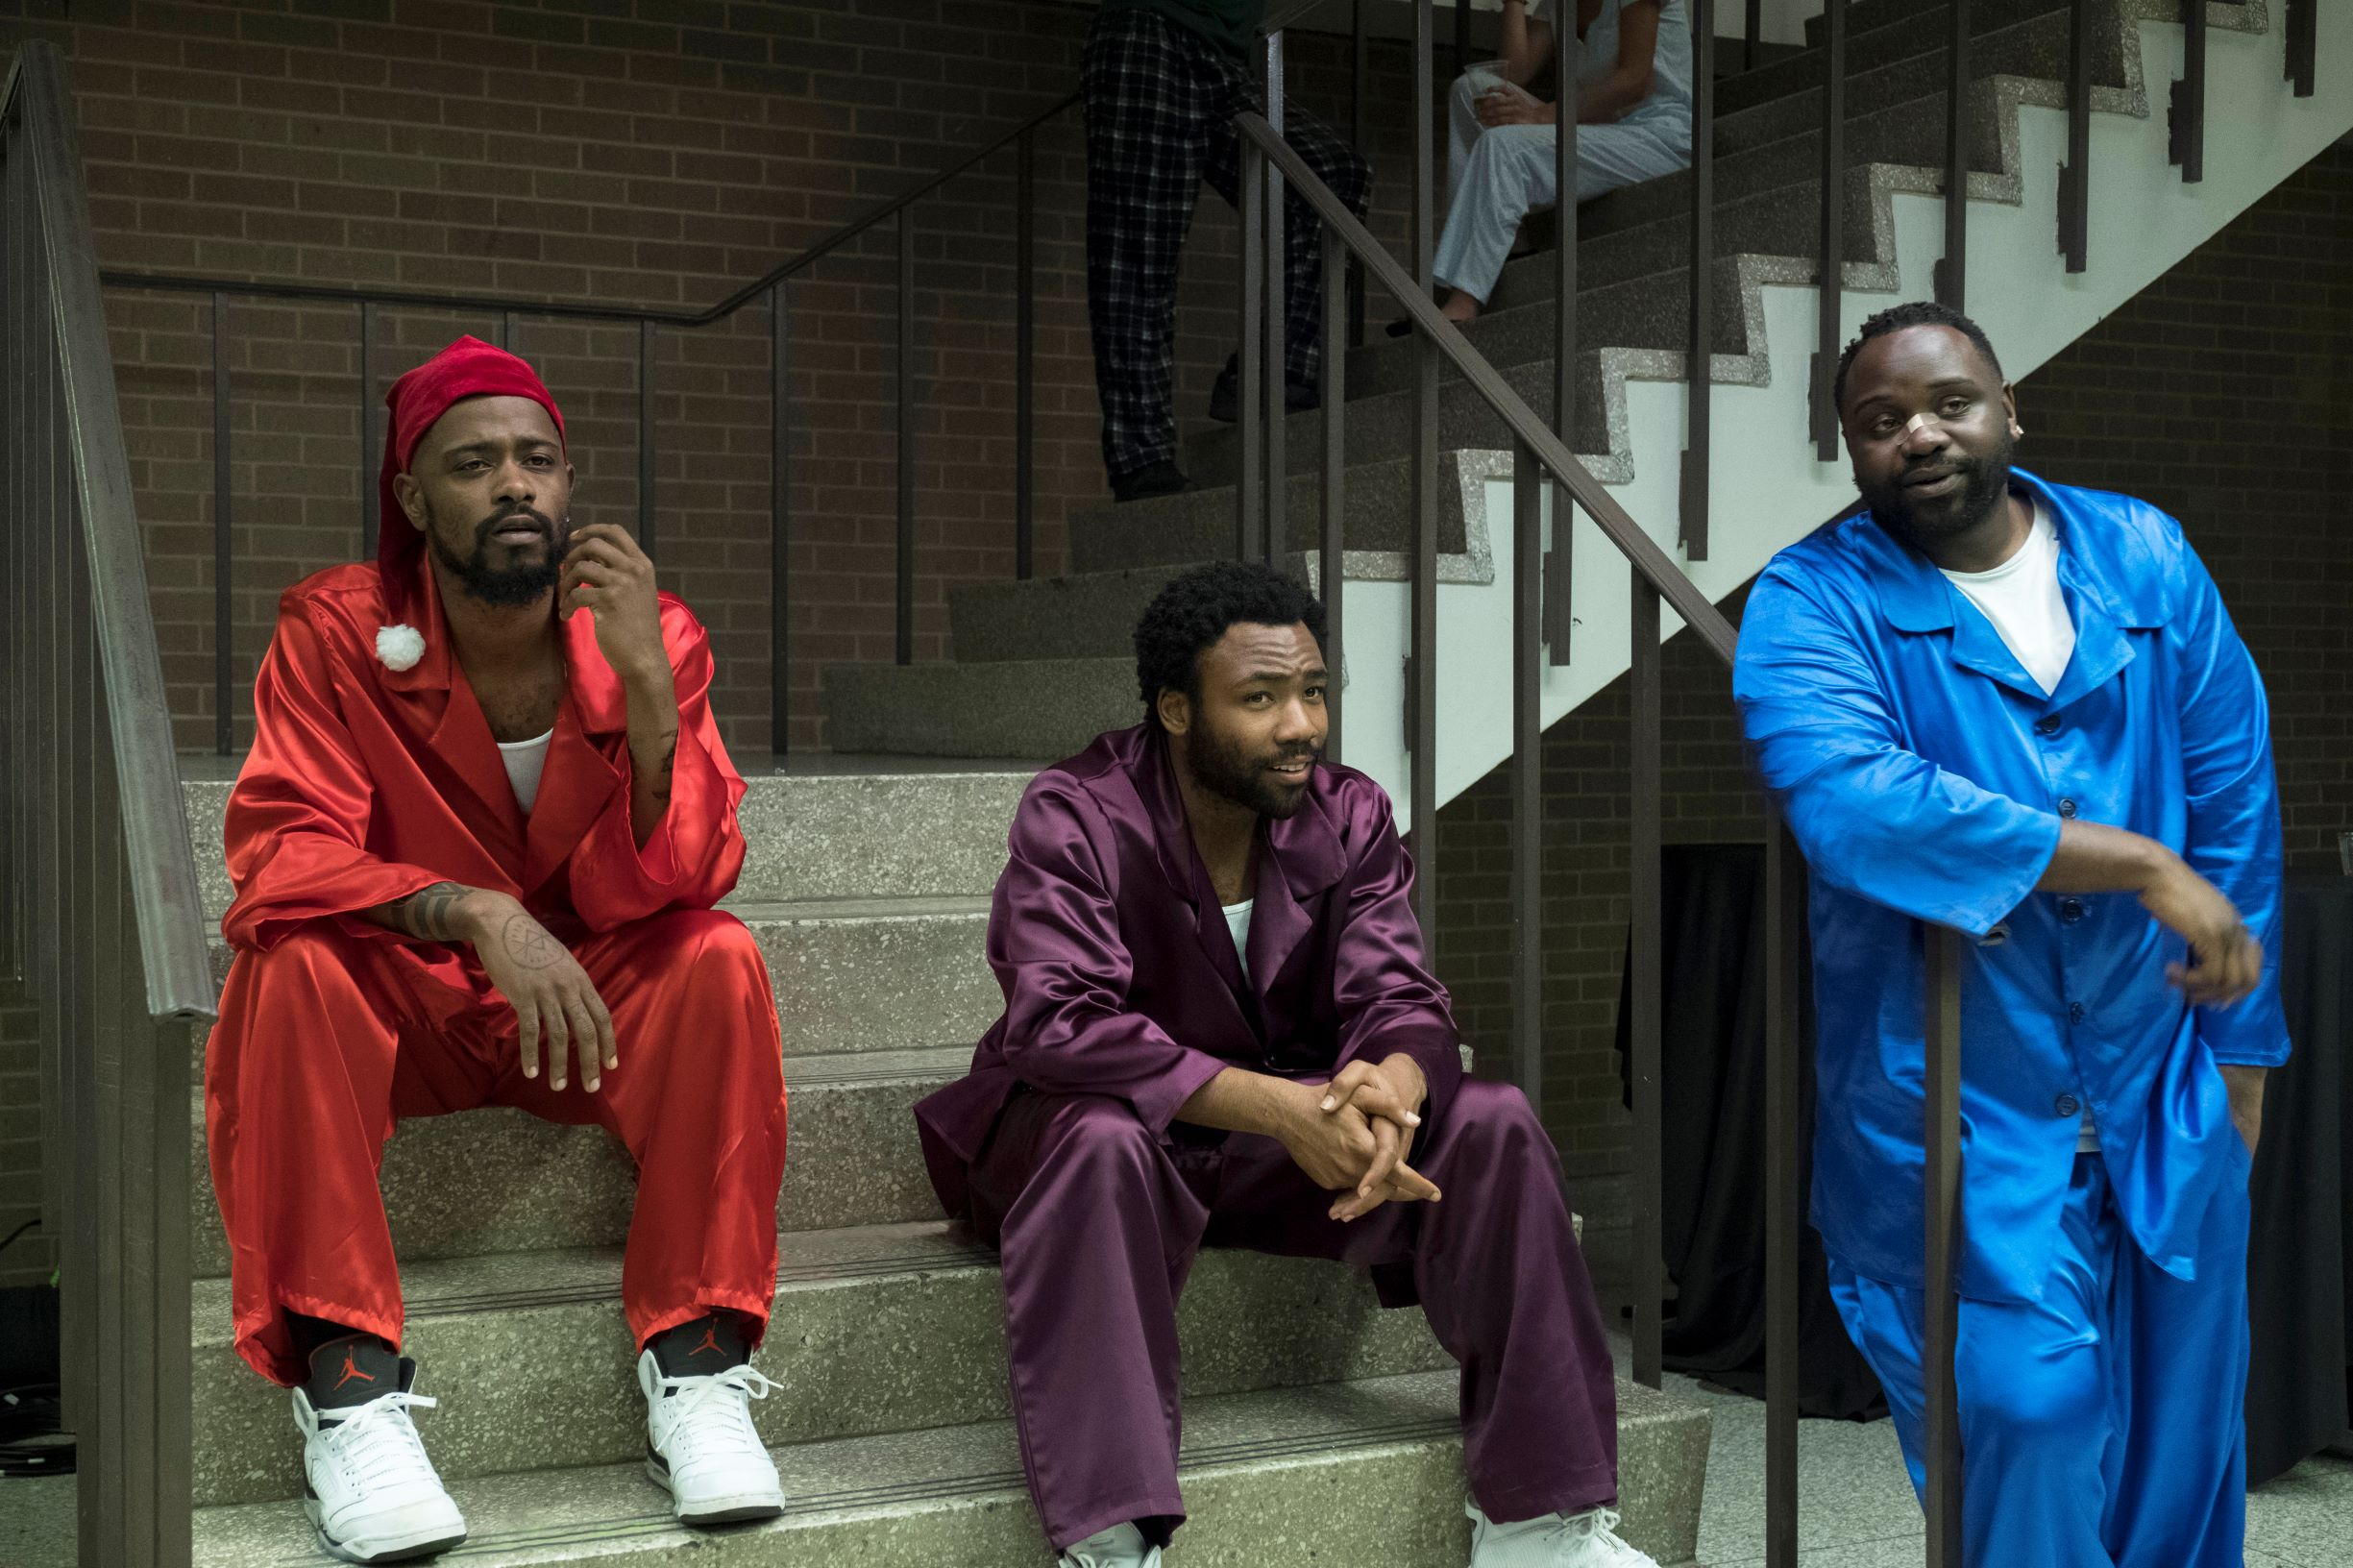 La bande - Donald Glover, Atlanta